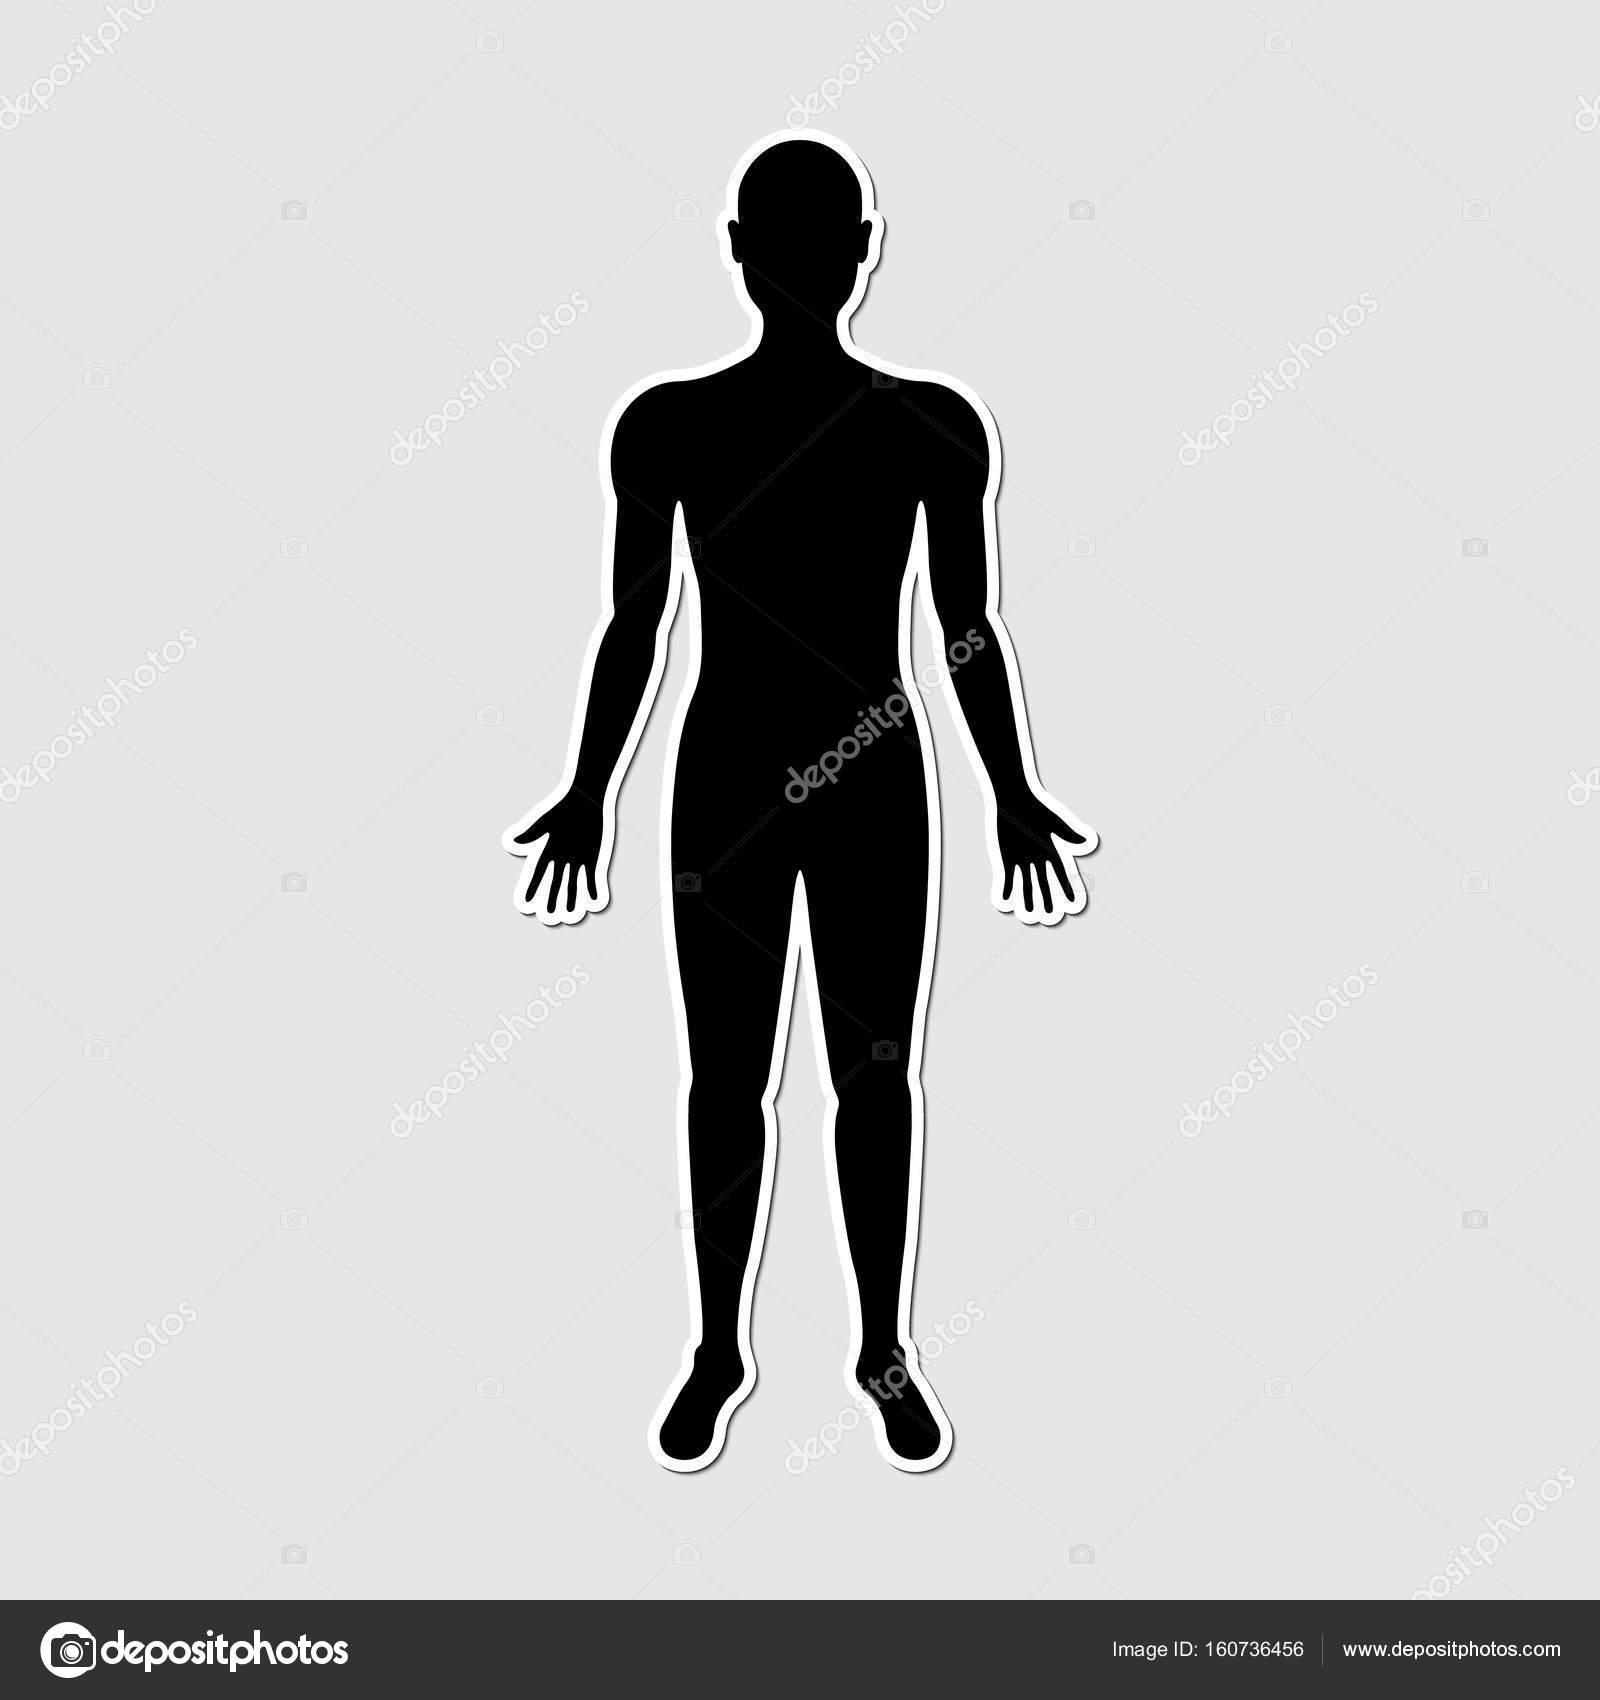 Etiqueta engomada del cuerpo humano papel estilo — Vector de stock ...